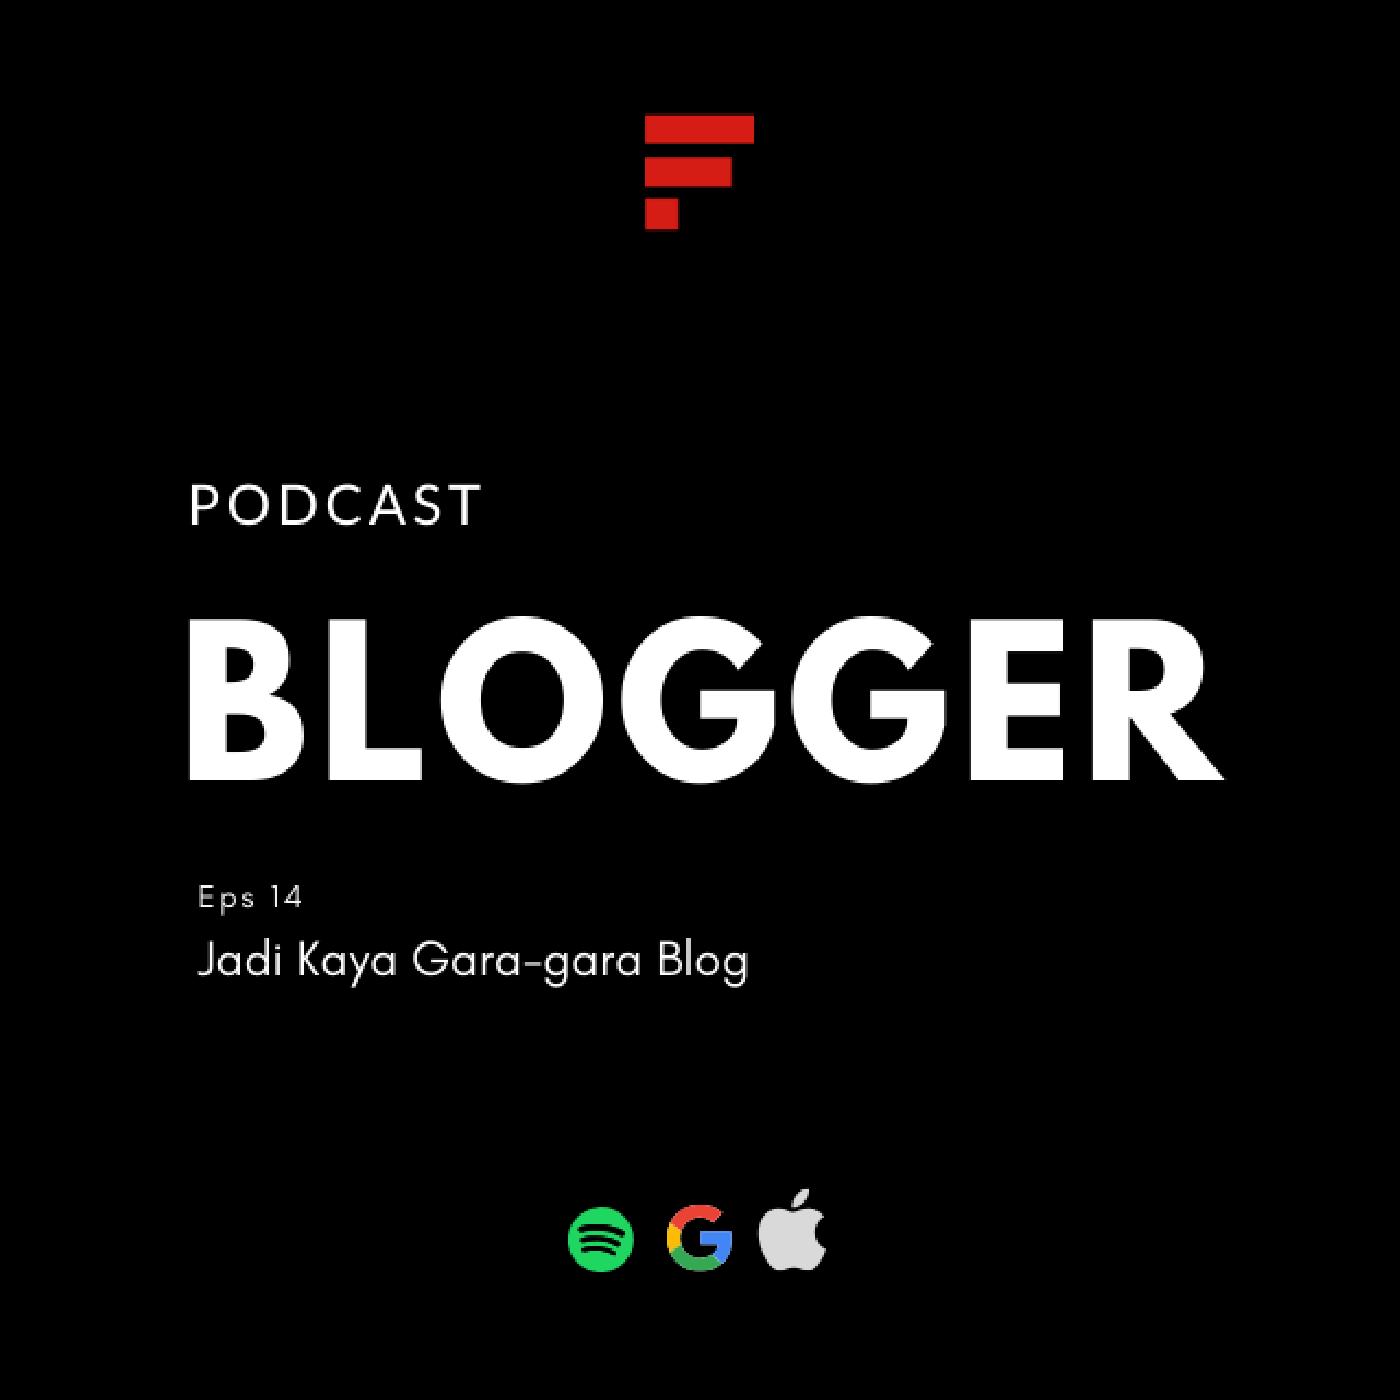 EPS14: Jadi Kaya Gara-Gara Blog